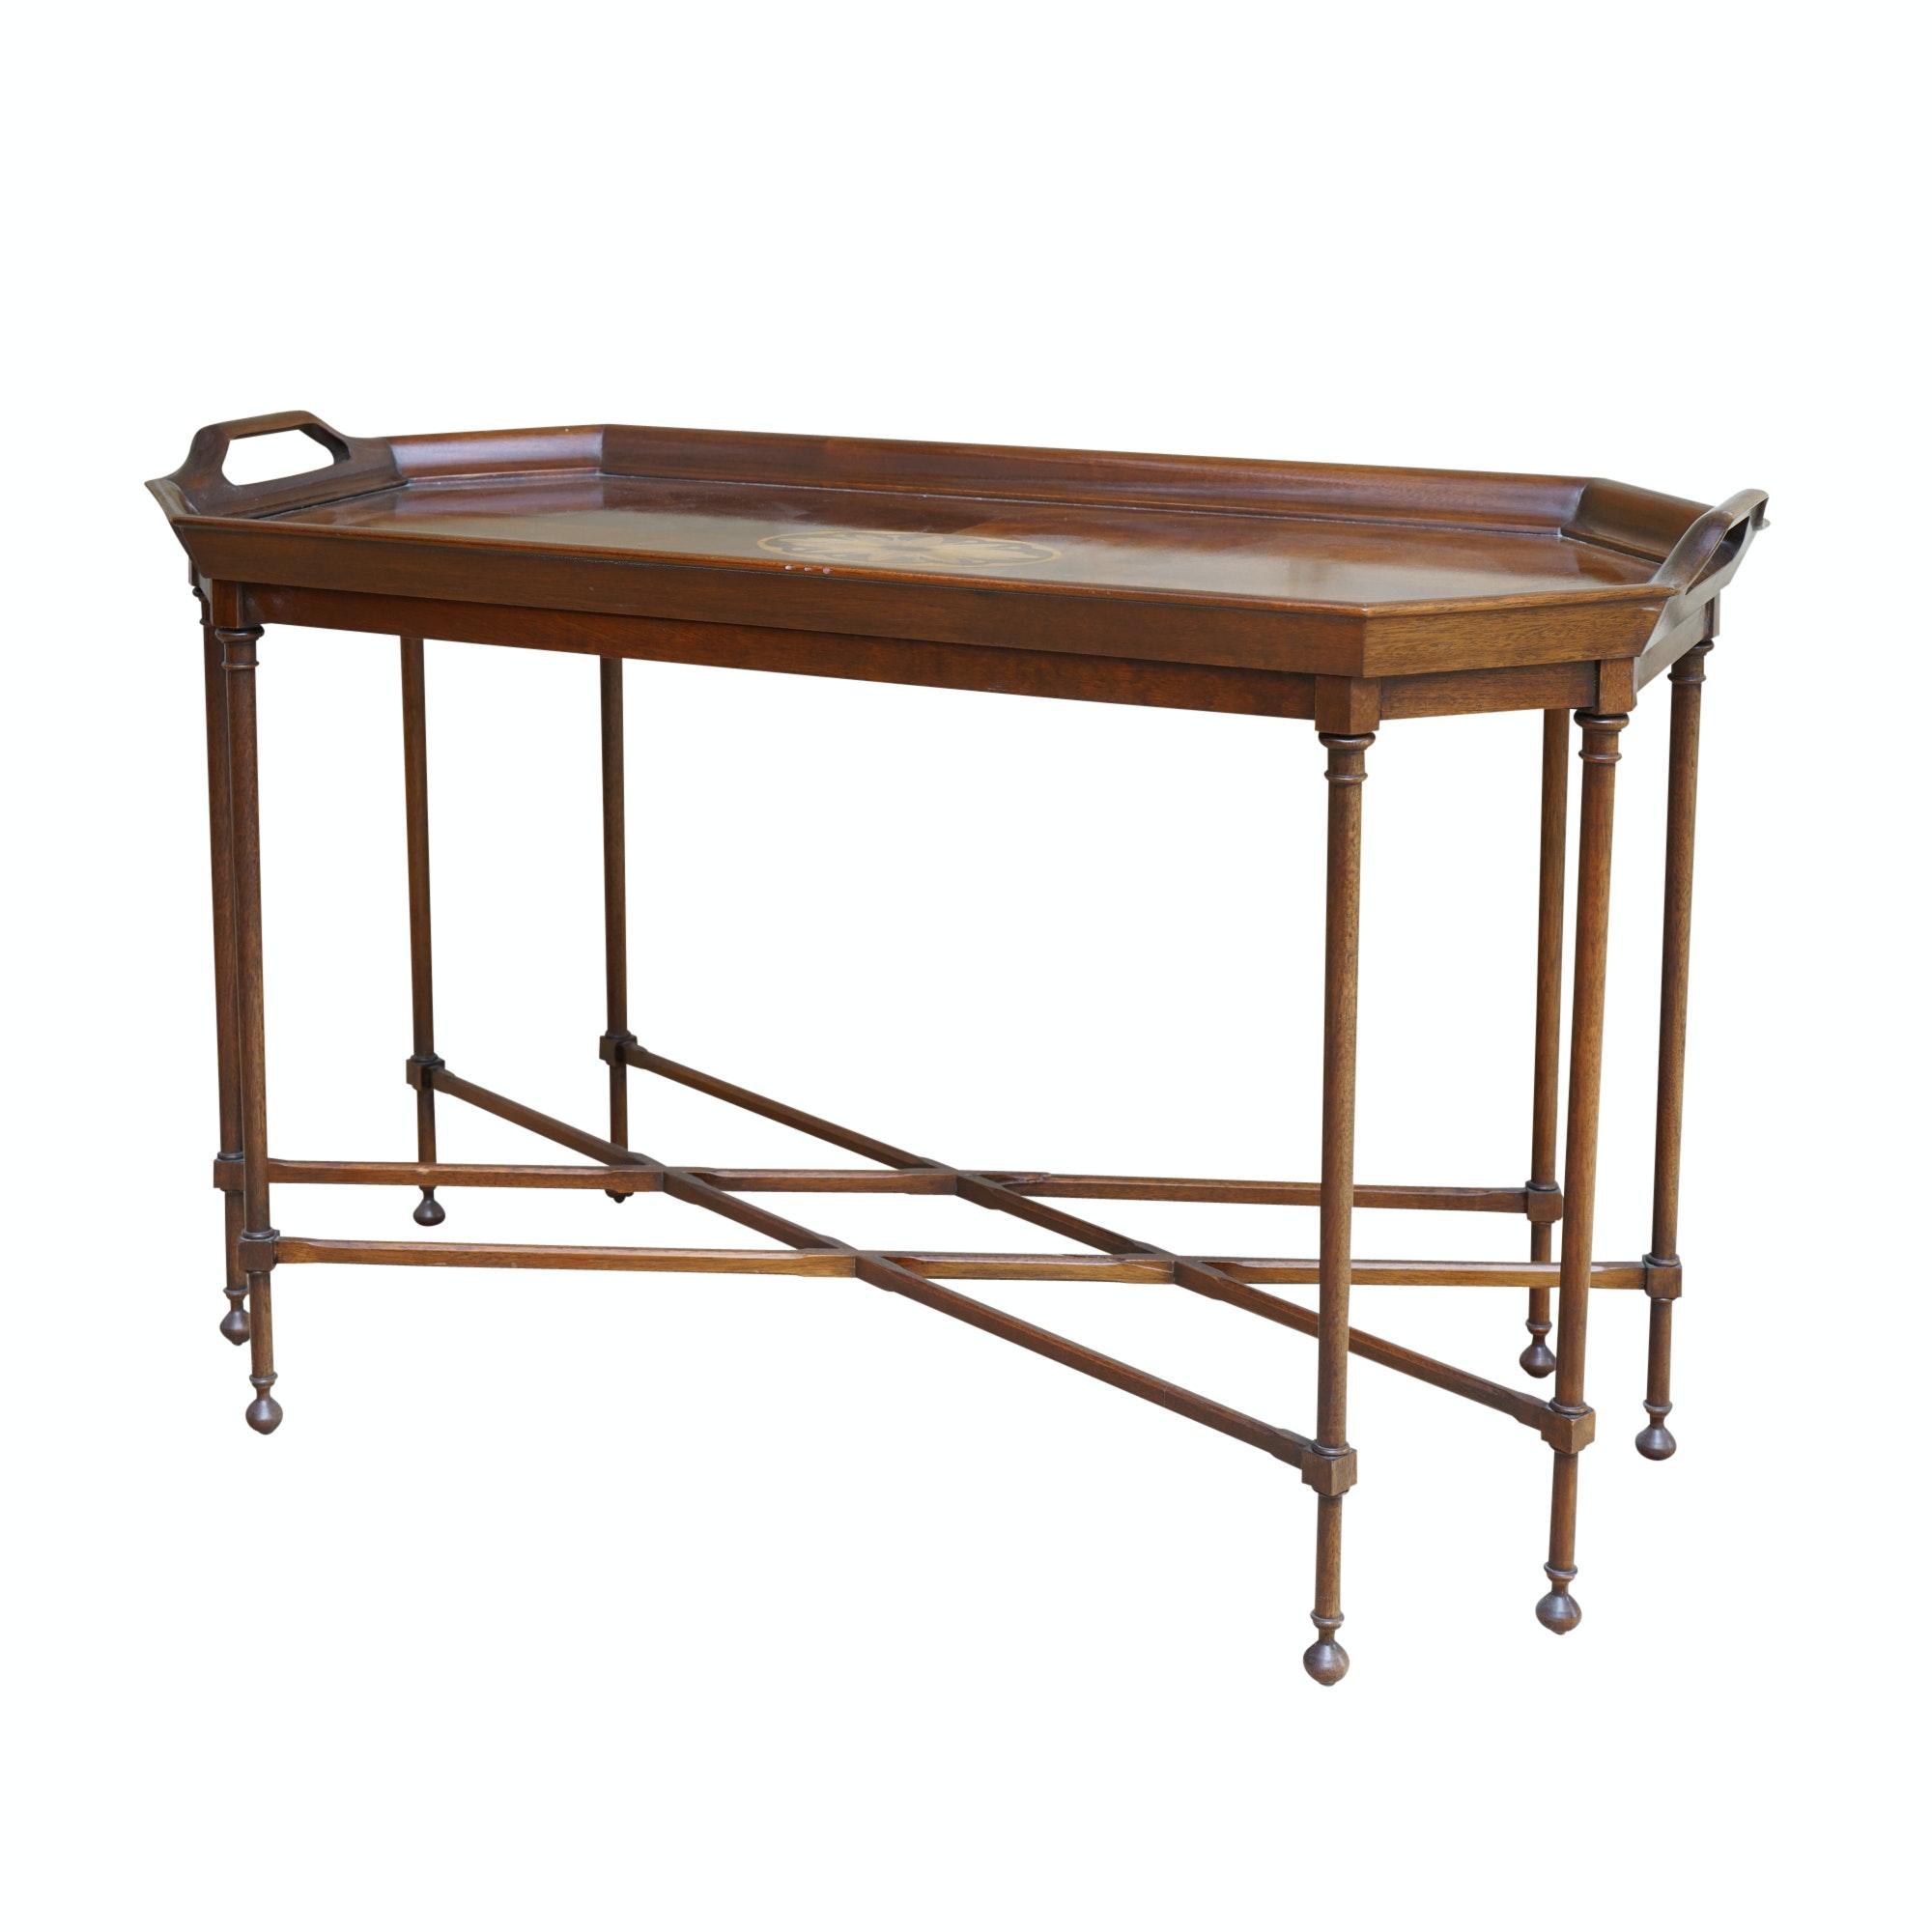 Mahogany Tray Table by Councill